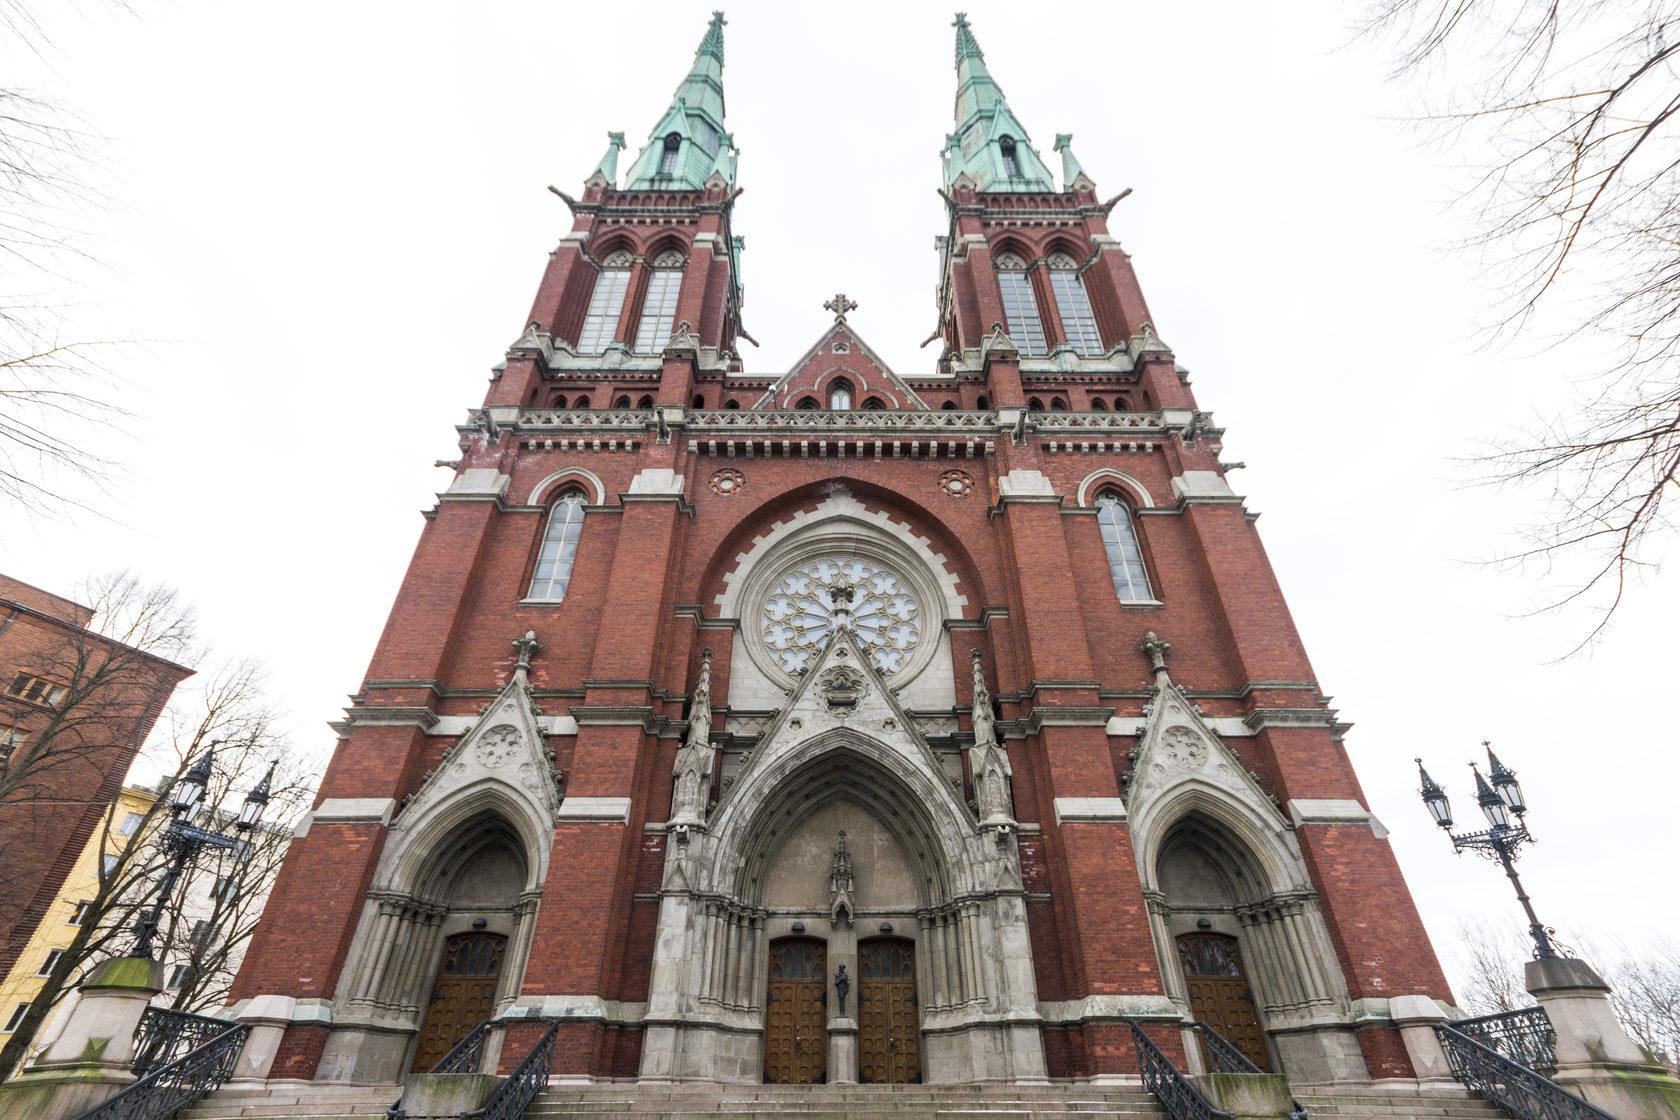 Церковь Святого Иоанна в Хельсинки - интересные места в Хельсинки